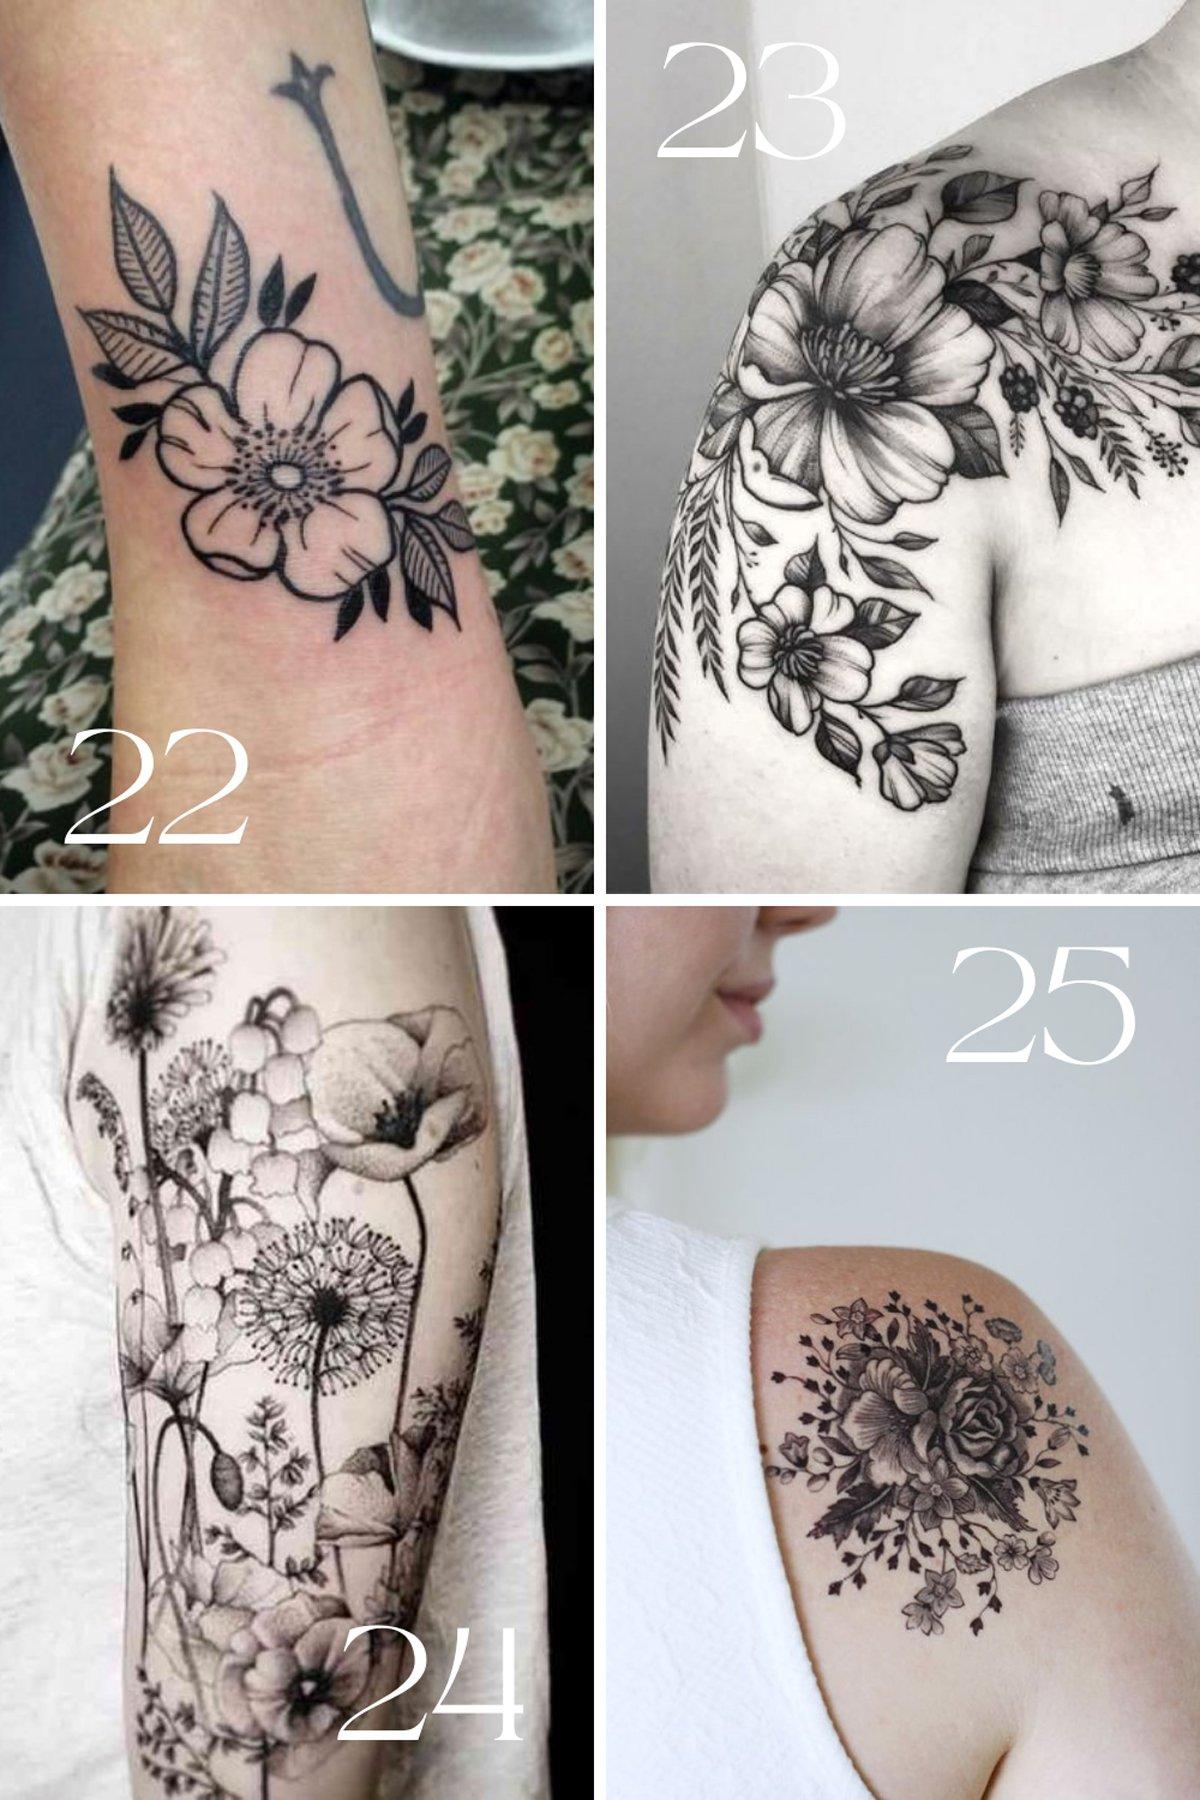 Vintage Flower Tattoos in Black Ink